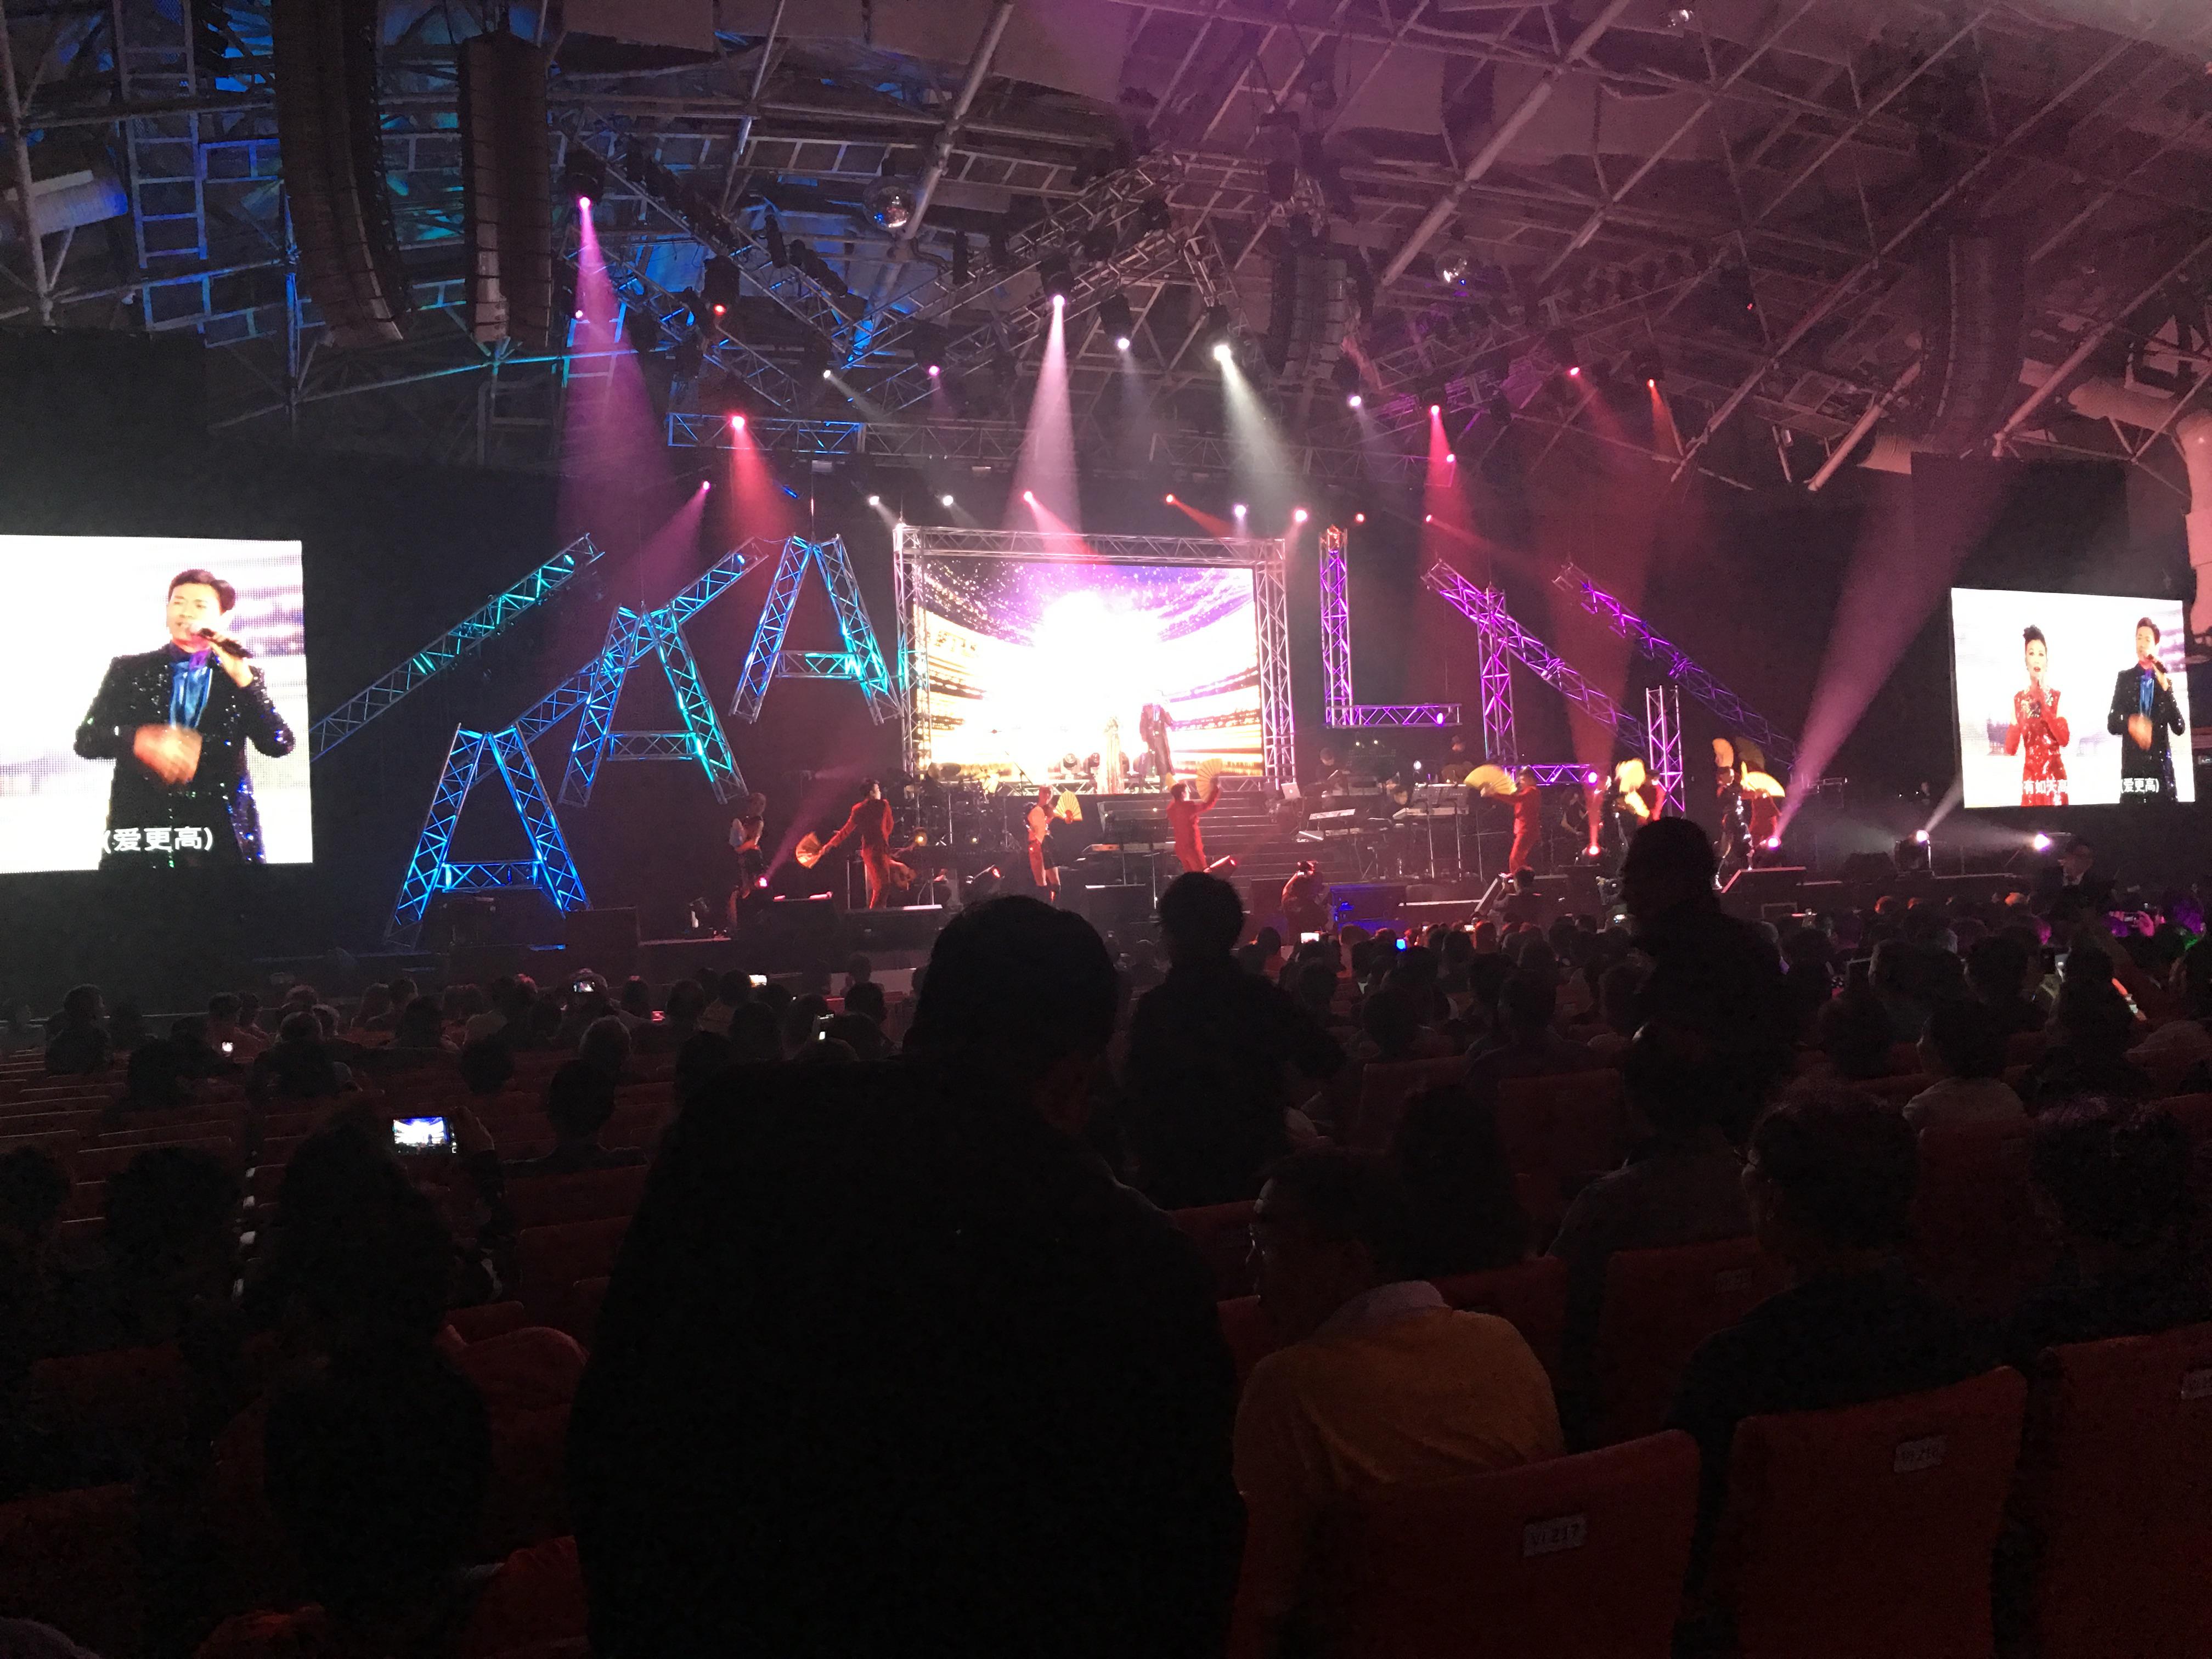 Adam Cheng & Liza Wang Concert in Genting Opening